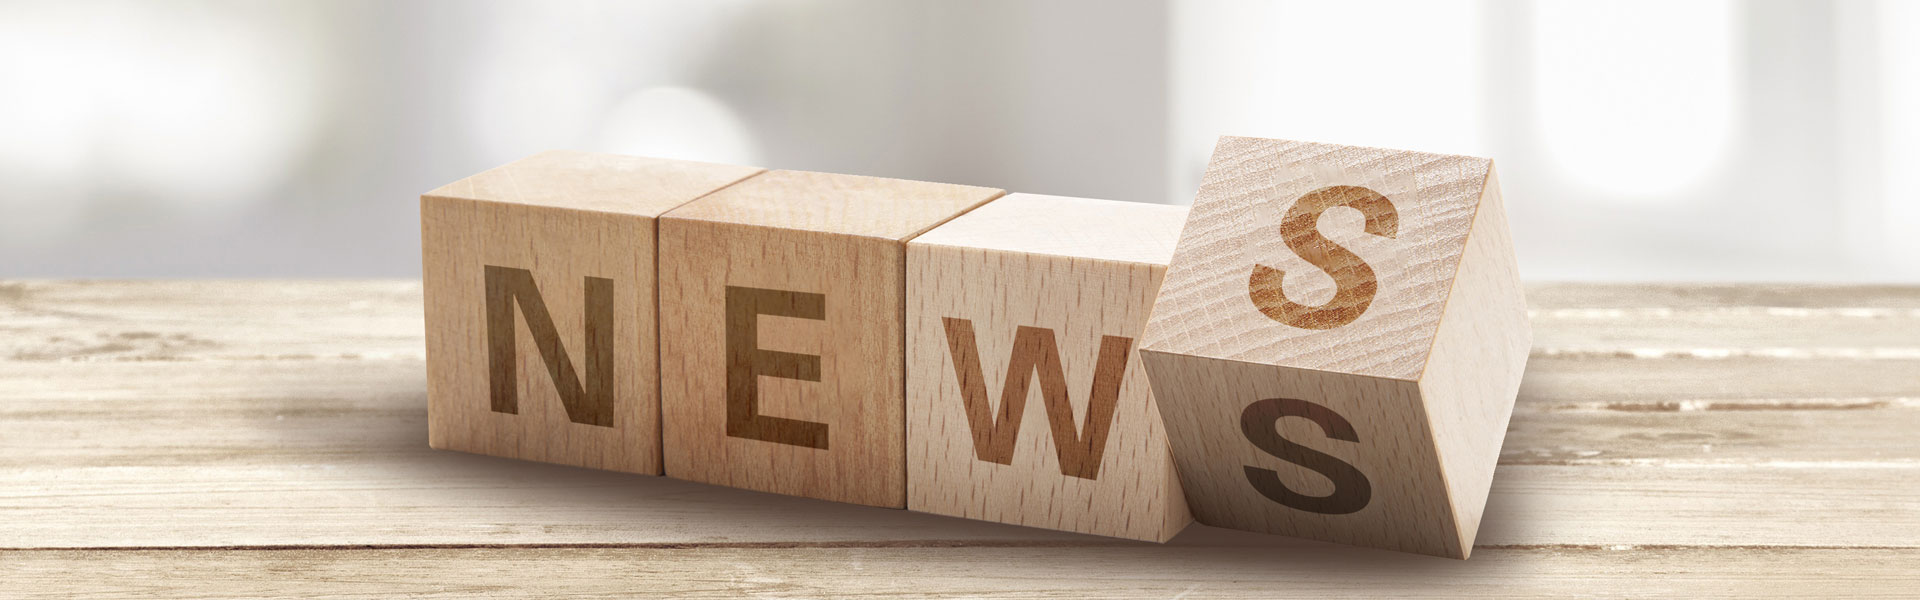 समाचार